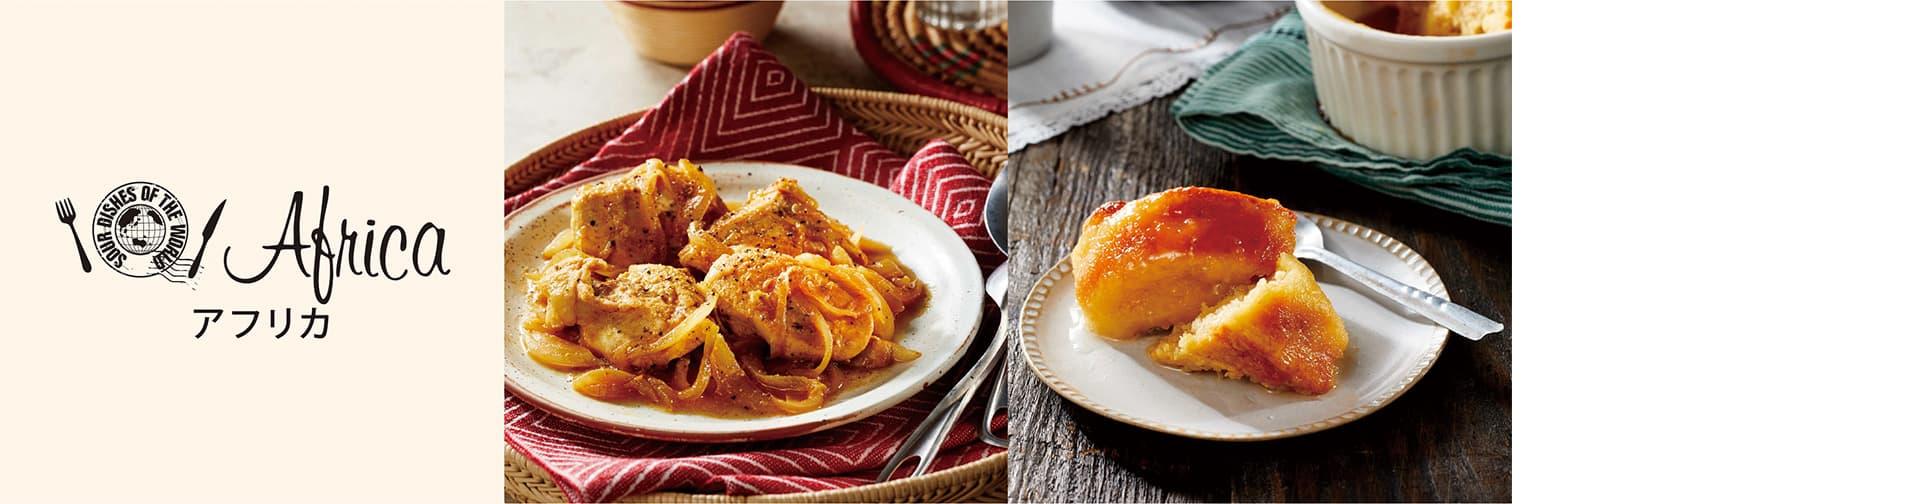 イメージ画像_世界のうまずっぱい料理_大陸の料理一覧_アフリカ編